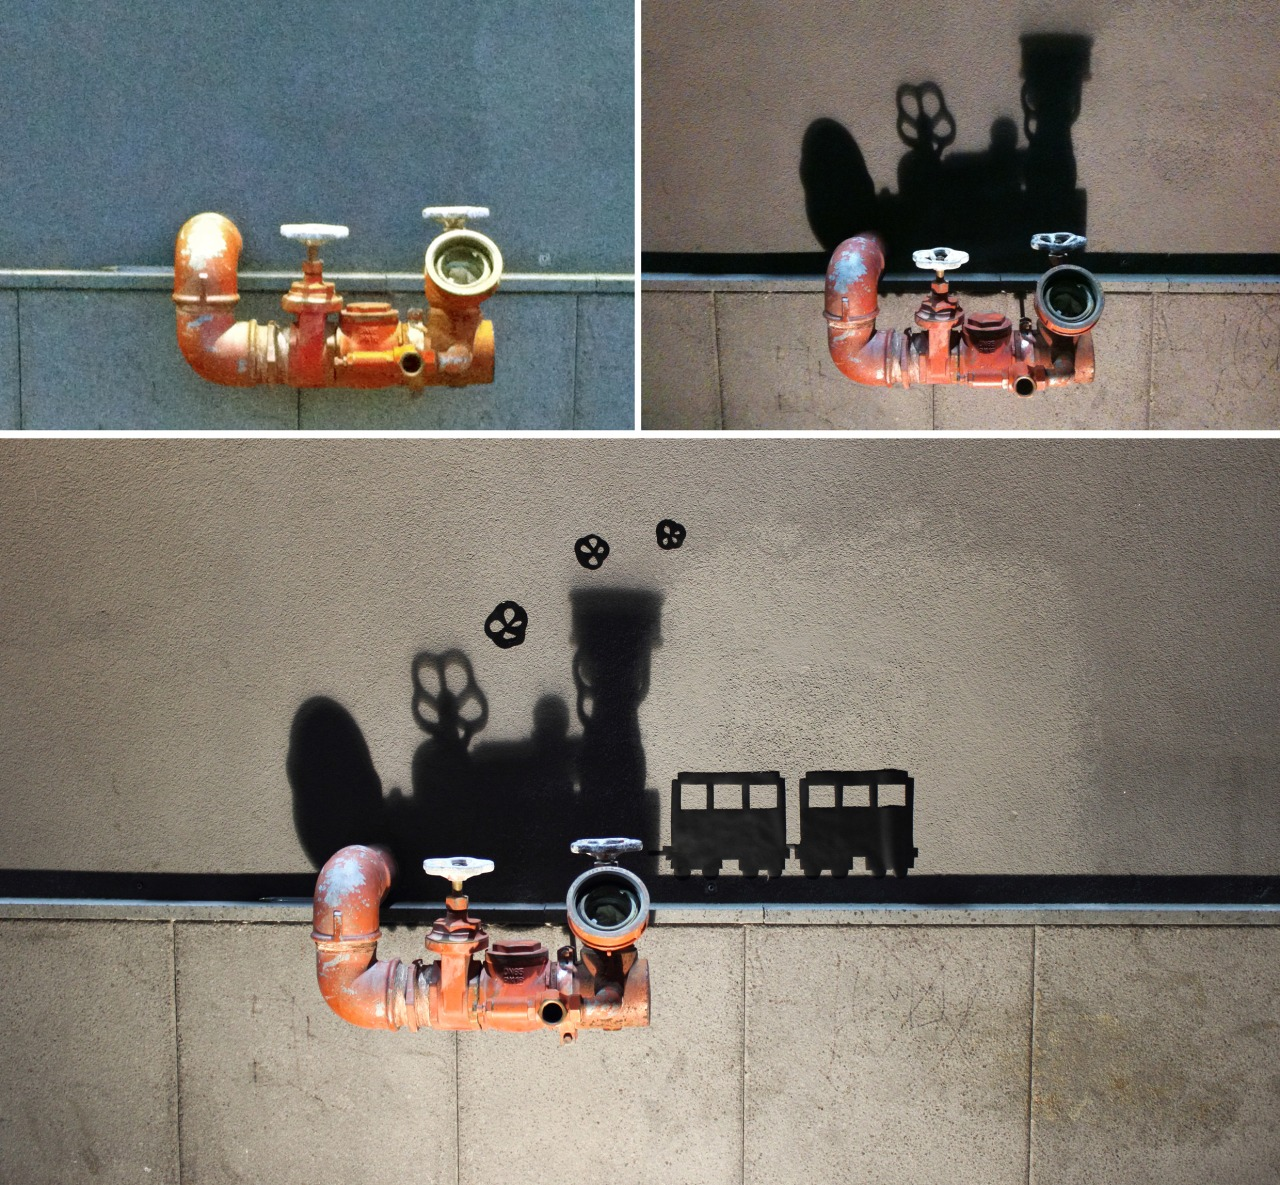 צל של ברז שהפך לרכבת קיטור. יצירה של אמן הרחוב האיטלקי VladyArt